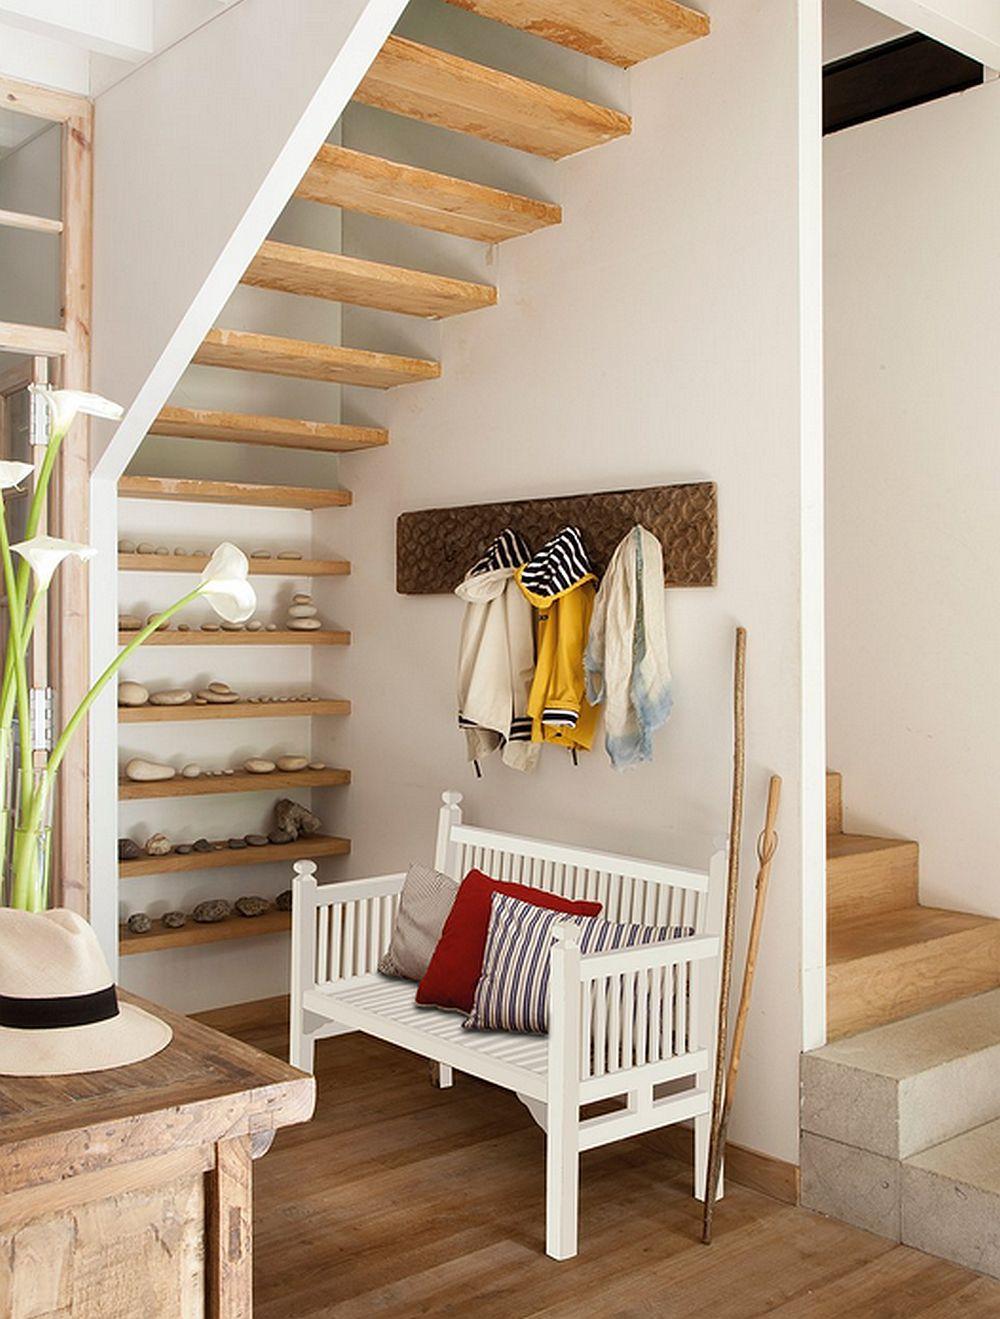 adelaparvu.com despre casa rustica, casa Spania, Asturias, arhitect Jaime Galmes, FotoElMueble (15)